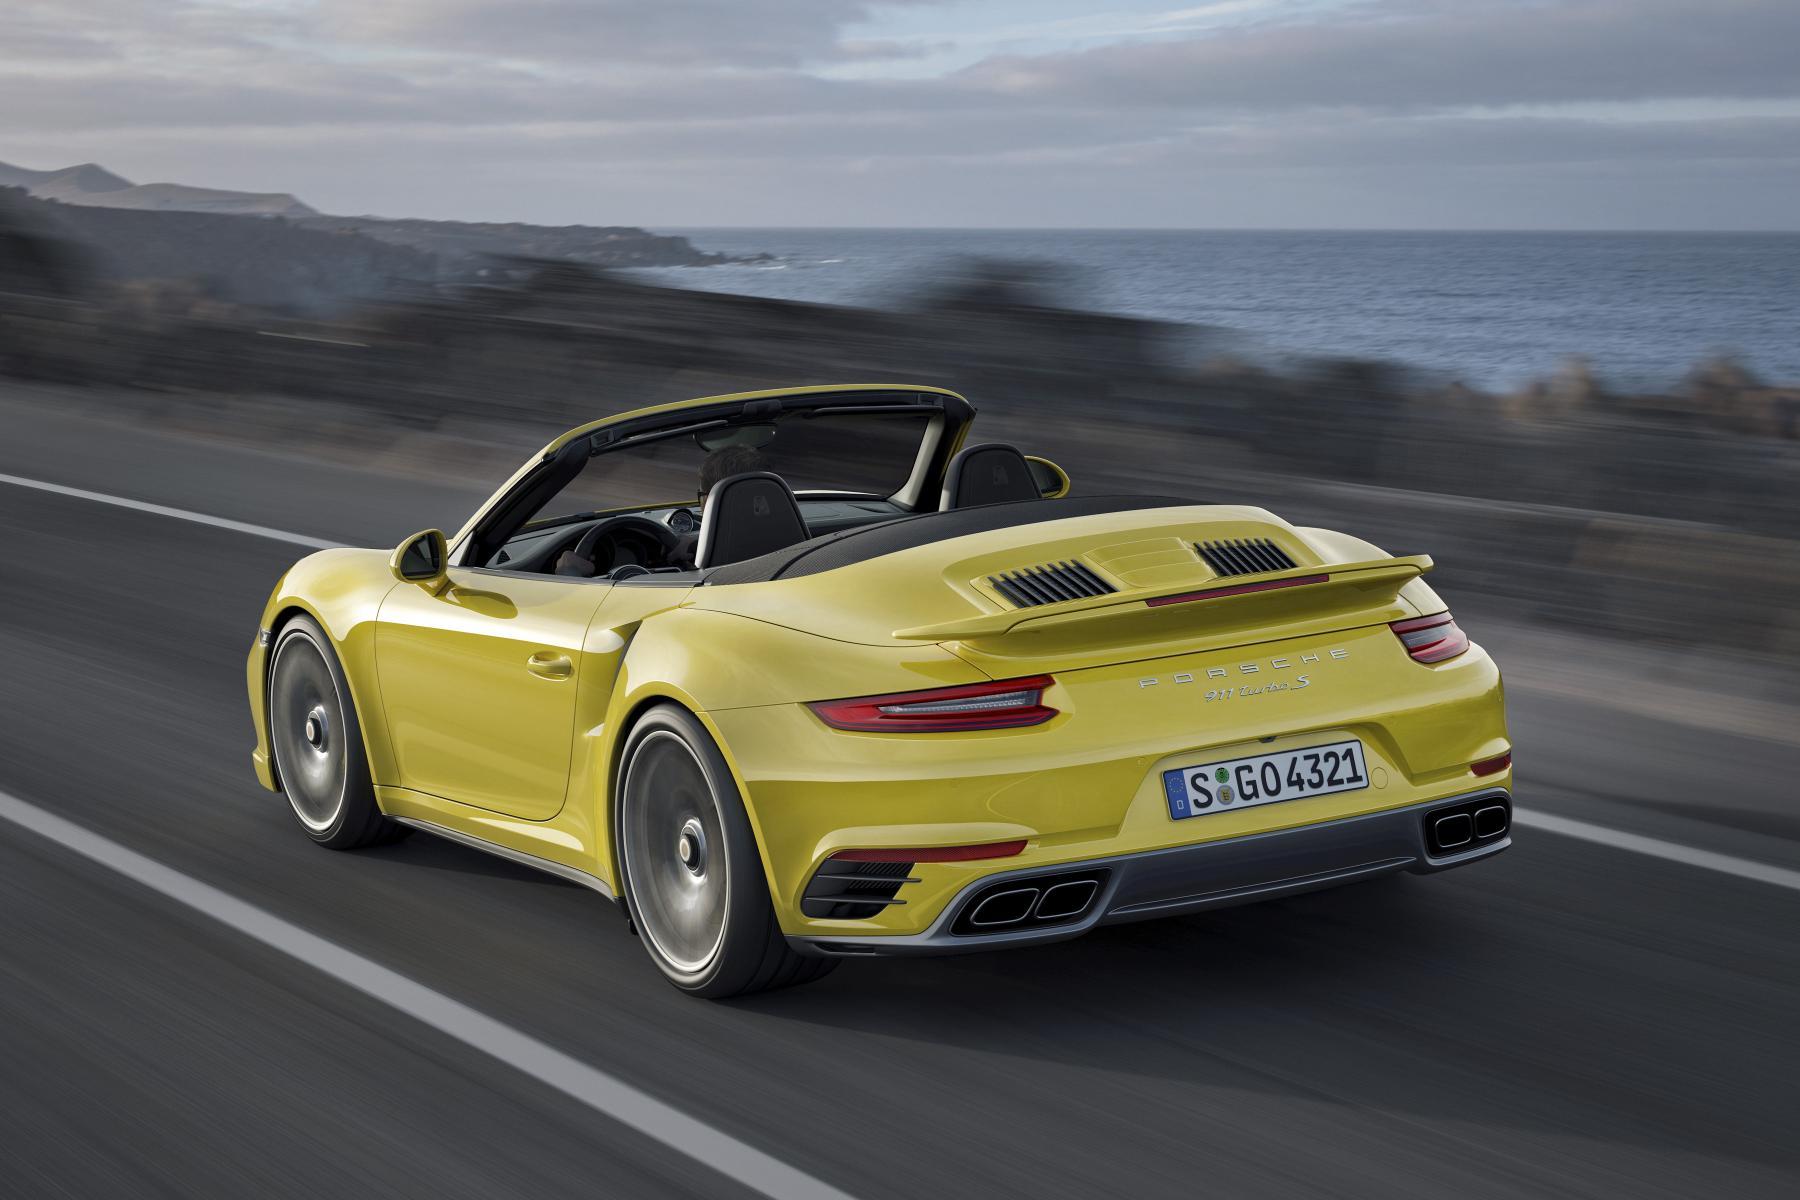 Nuova Porsche 911 Turbo e 911 Turbo S ecco i prezzi 6